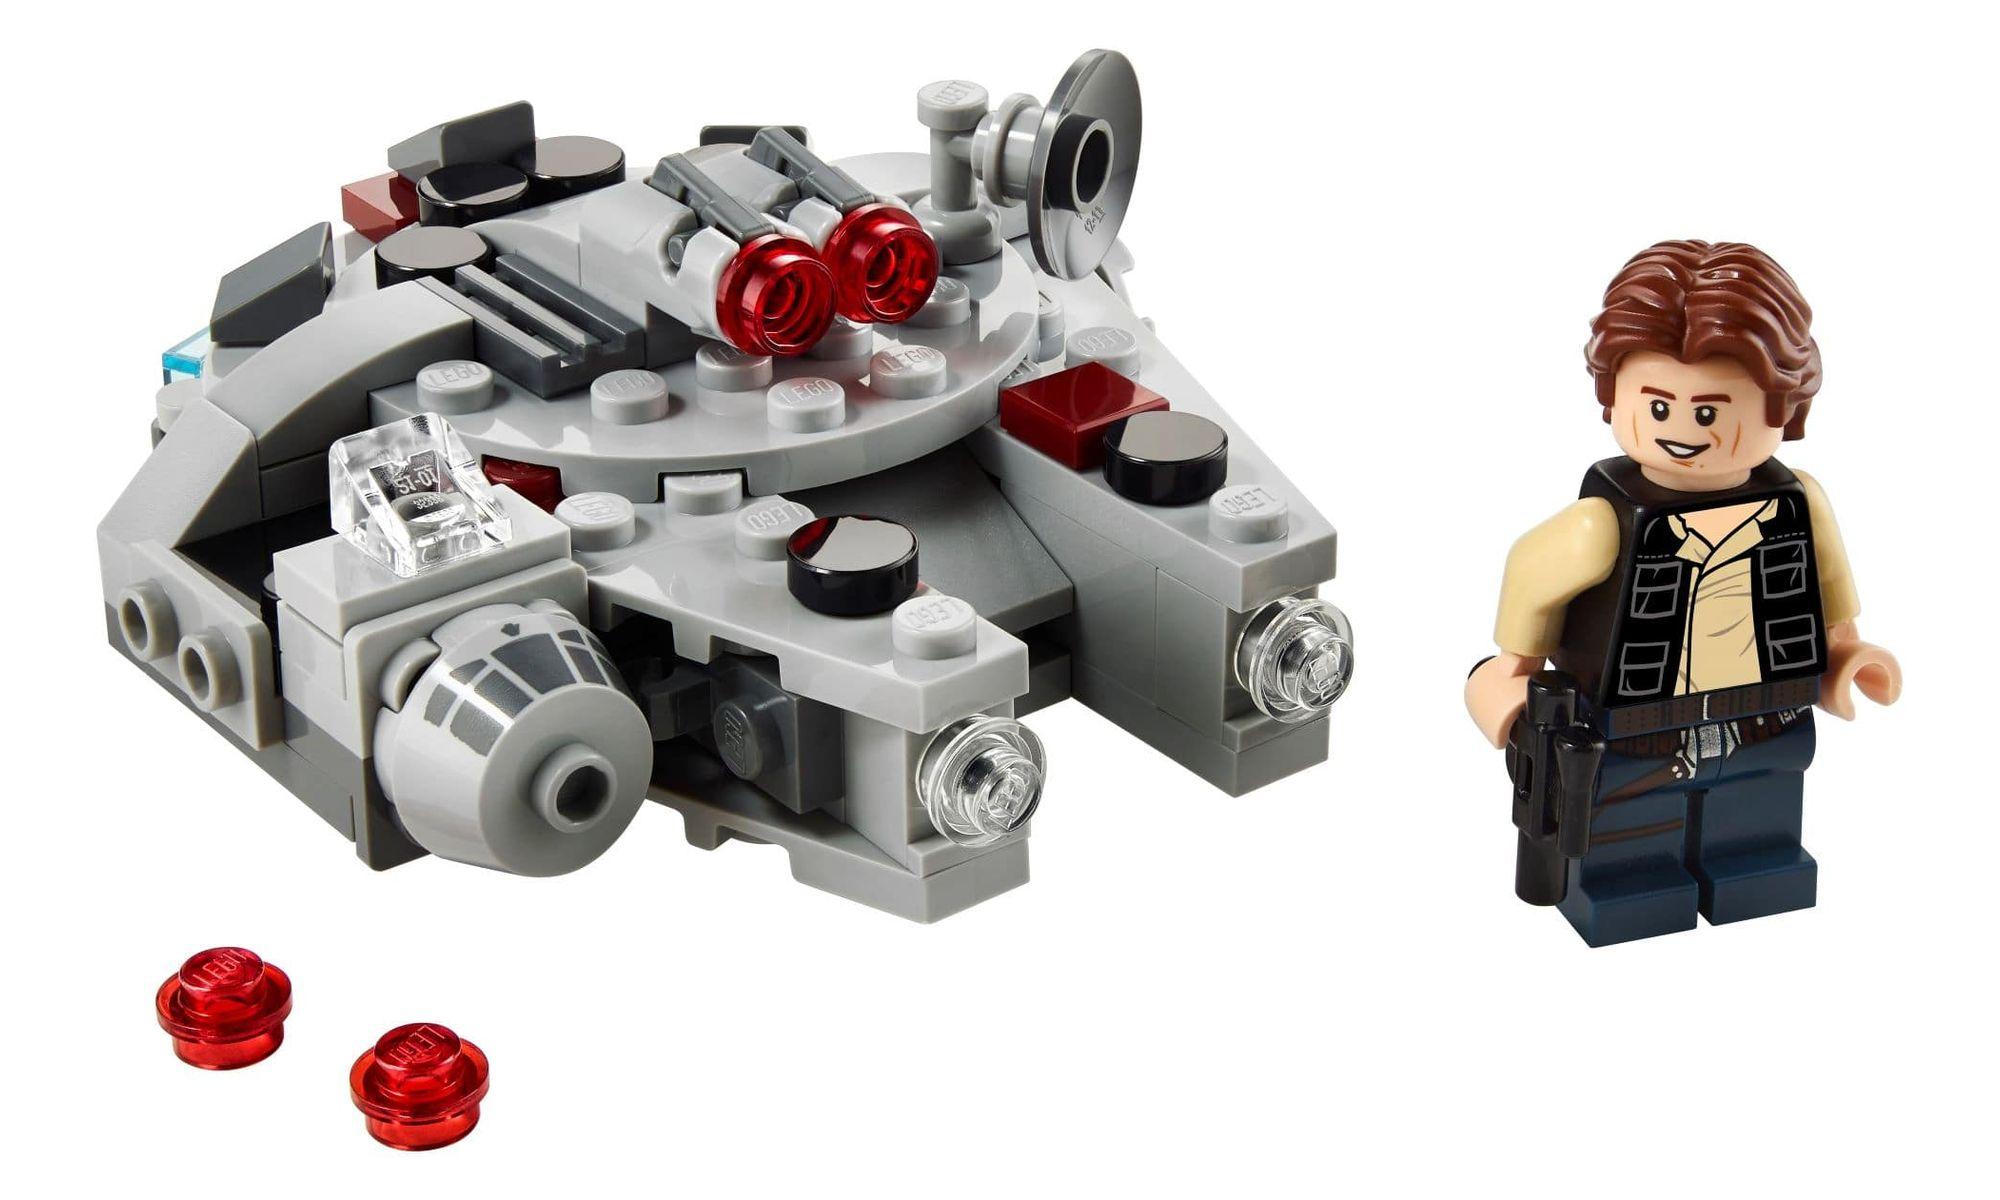 LEGO Star Wars Microfigher Millennium Falcon 75295